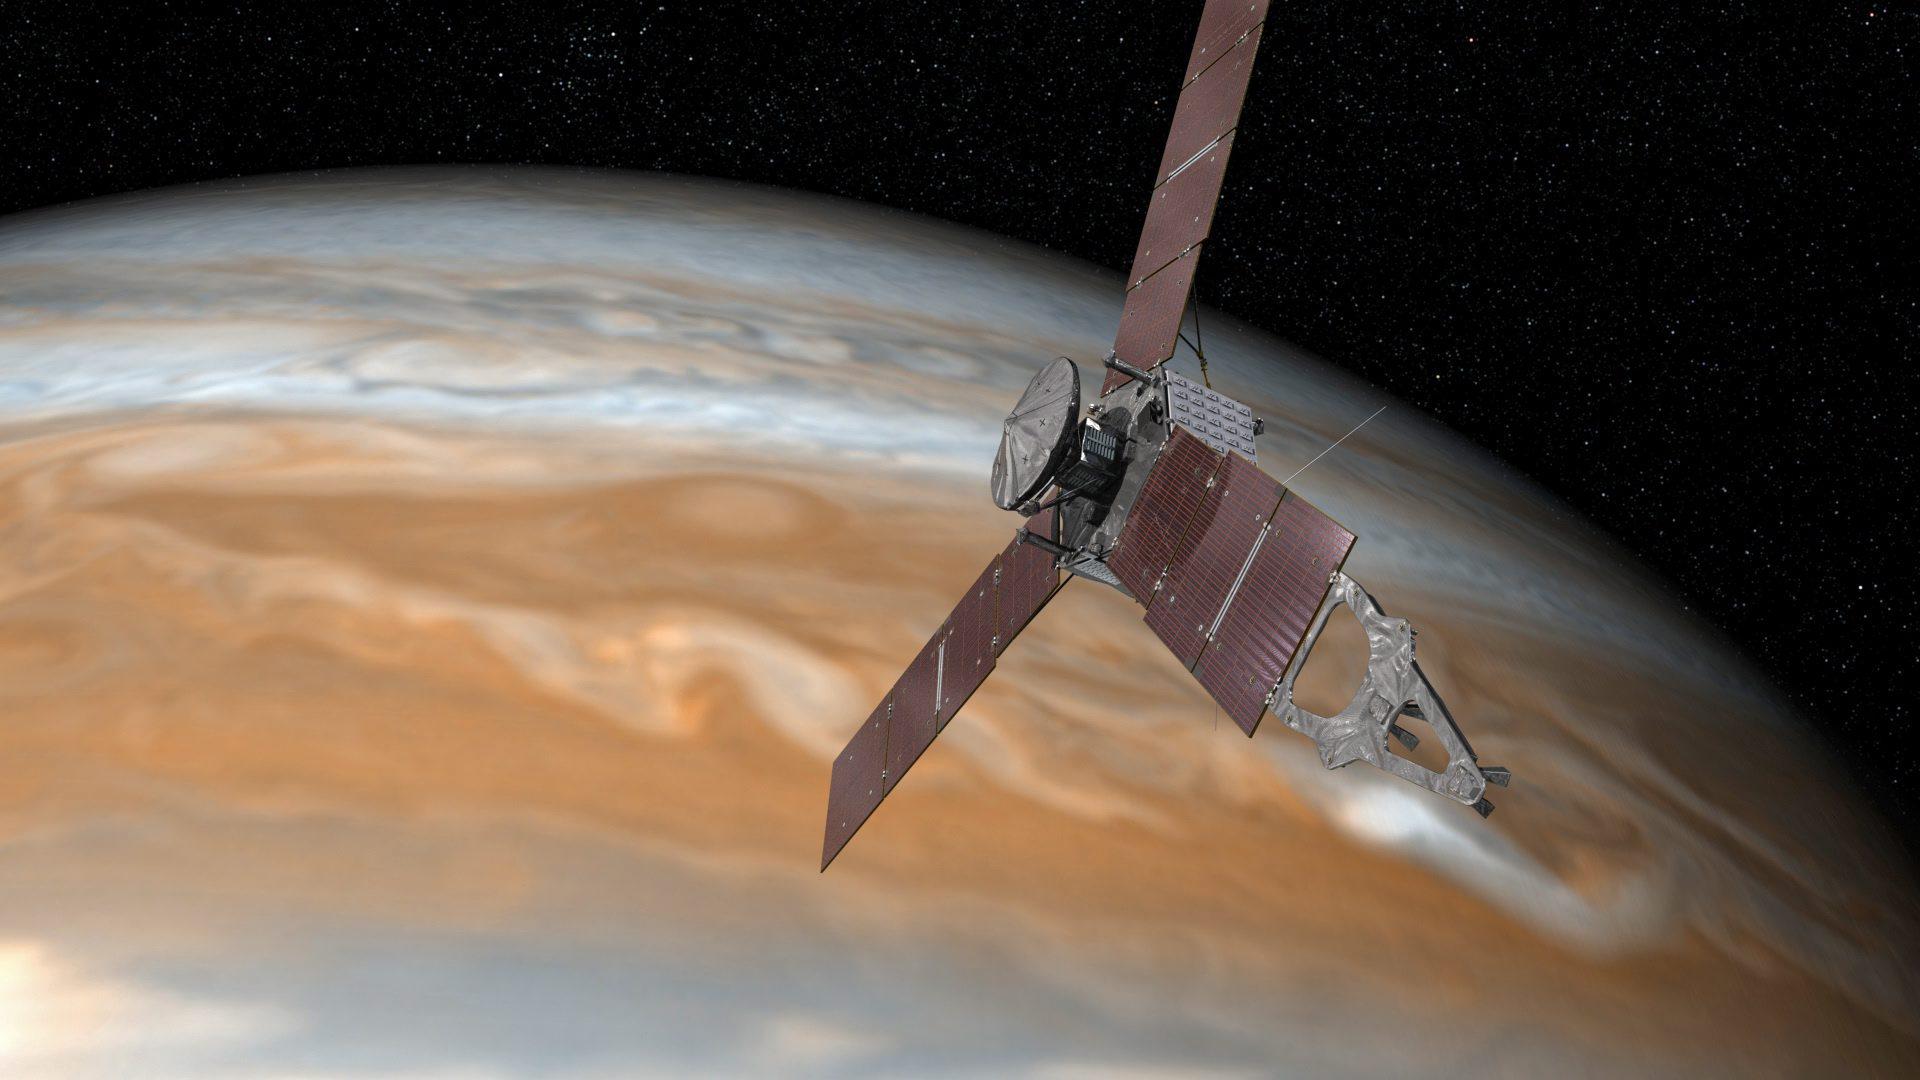 """Изследването на Слънчевата система стана много интересно през юли, когато американската сонда """"Джуно"""" застана на орбита около Юпитер след продължило пет години пътуване. В края на август """"Джуно"""" осъществи първото си близко прелитане край планетата, преминавайки на безпрецедентните около 4200 км над плътните облаци на газовия гигант.НАСА вече публикува <a href=""""http://www.vesti.bg/tehnologii/nauka-i-tehnika/eto-gi-pyrvite-snimki-na-iupiter-ot-nasa-6056239"""" target=""""_blank"""">снимки</a> на полюсите на Юпитер, заснети от космическия апарат.""""Джуно"""" записа и звуци, идващи от Юпитер."""